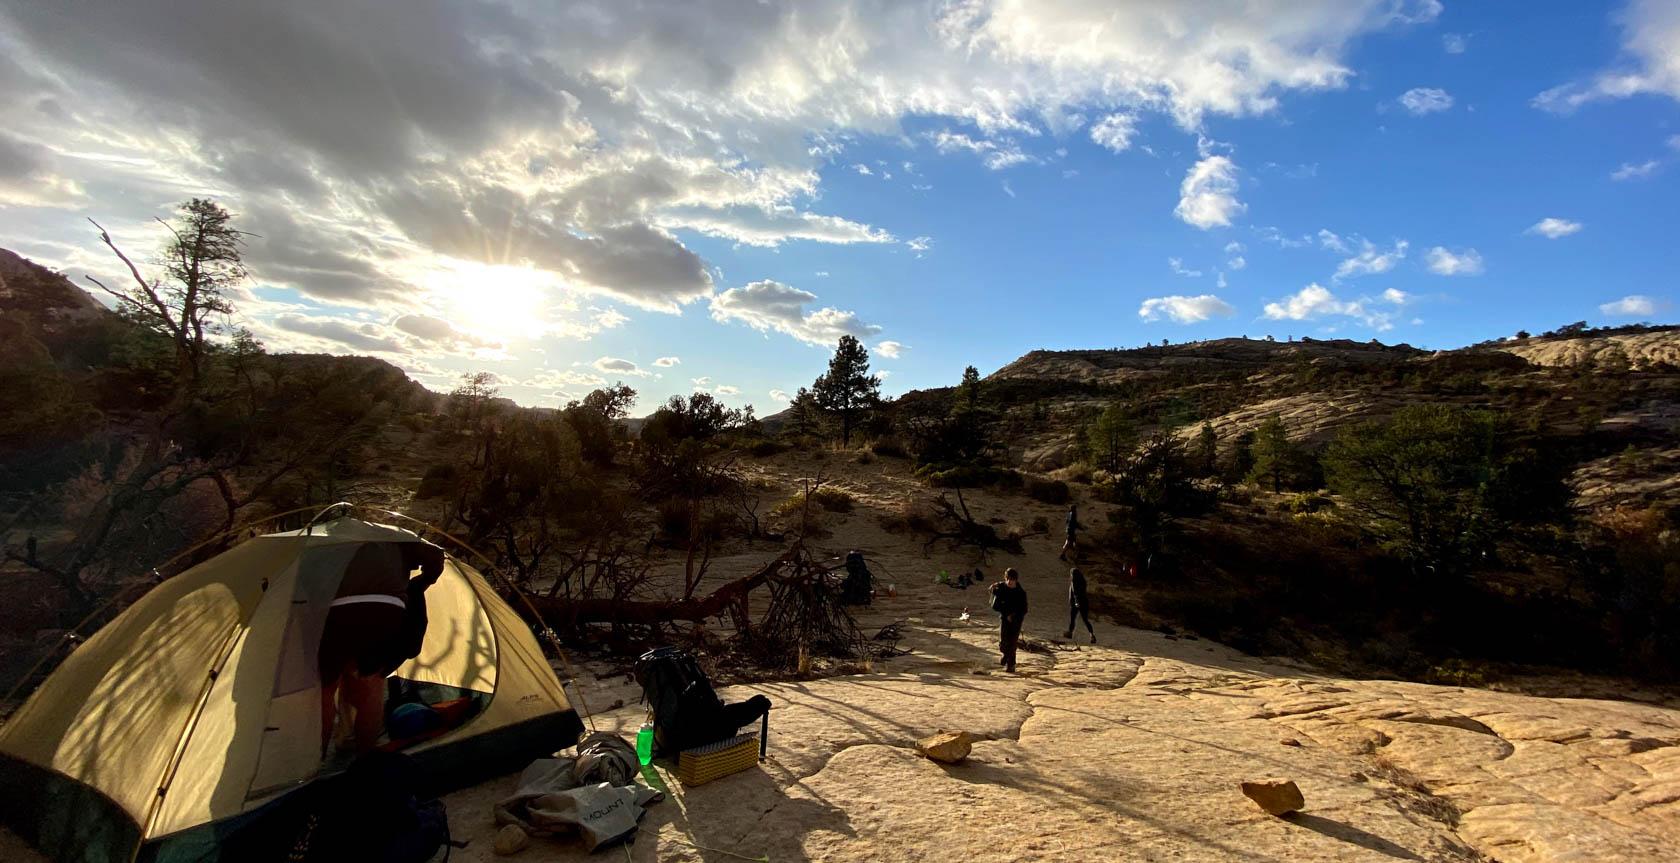 Tent in Utah